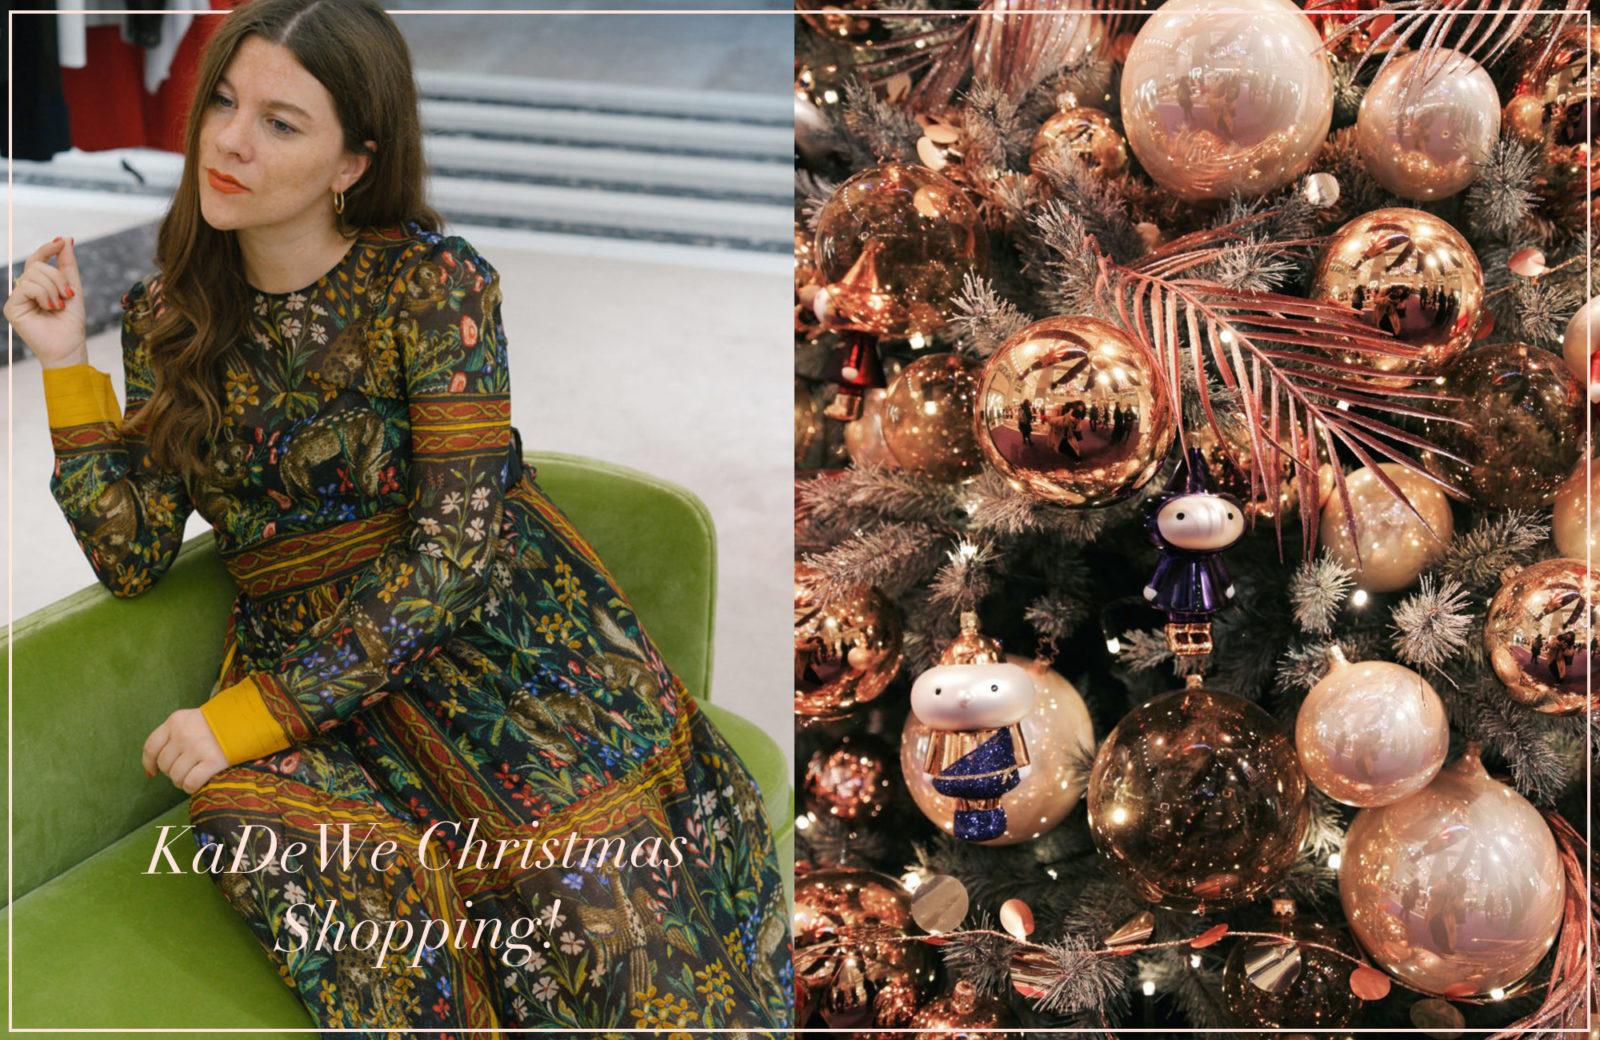 3c9ce1fcd5db Hach, in der Weihnachtszeit ist uns das KaDeWe ja am liebsten. Jedes Jahr  verwandelt sich unser liebstes Shoppingparadies in Berlin in ein wahres  Wunderland ...